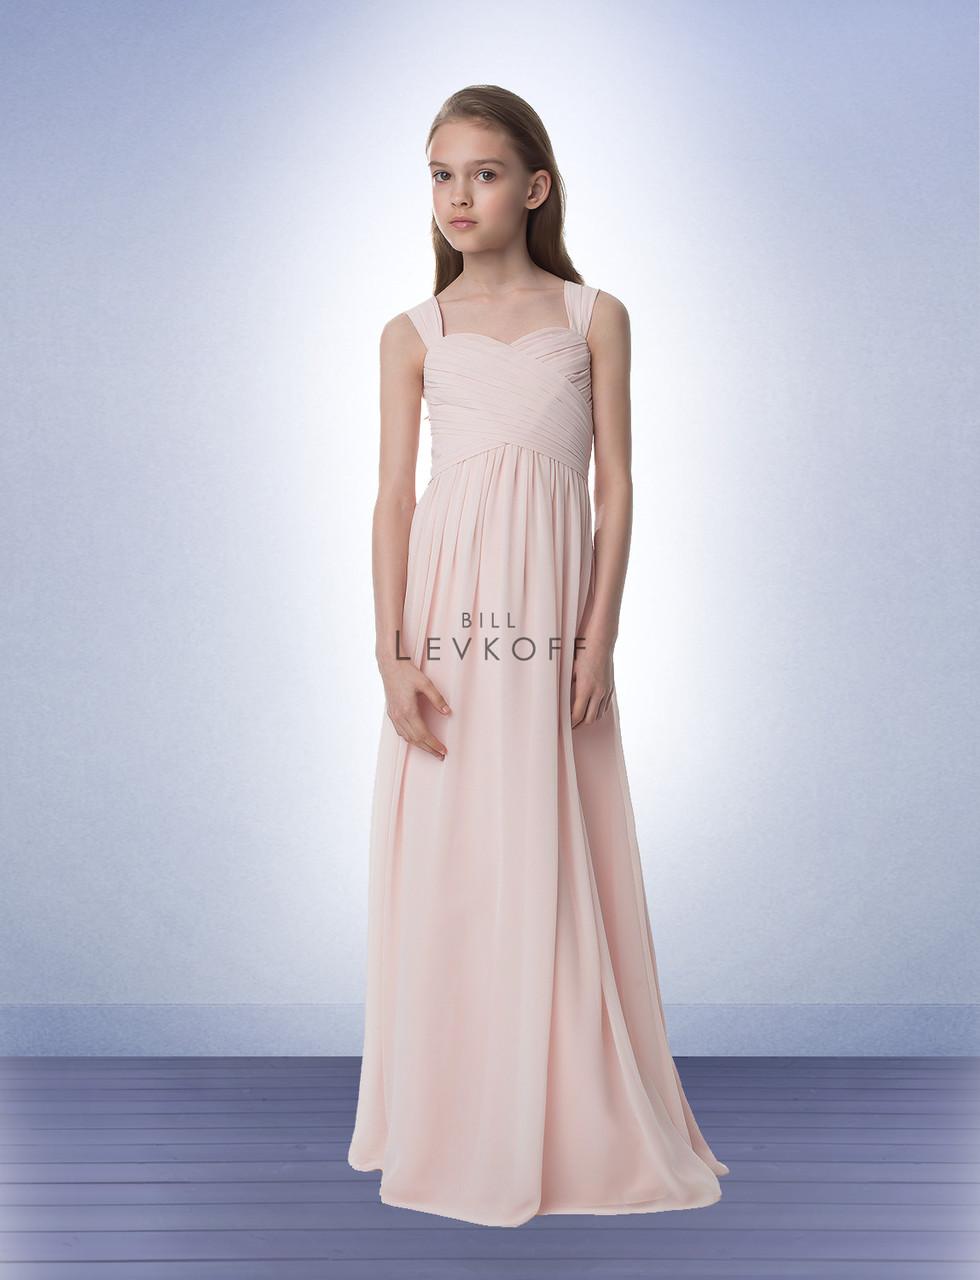 Bill levkoff junior bridesmaid style 16502 bill levkoff junior bridesmaid dress style 16502 ombrellifo Images